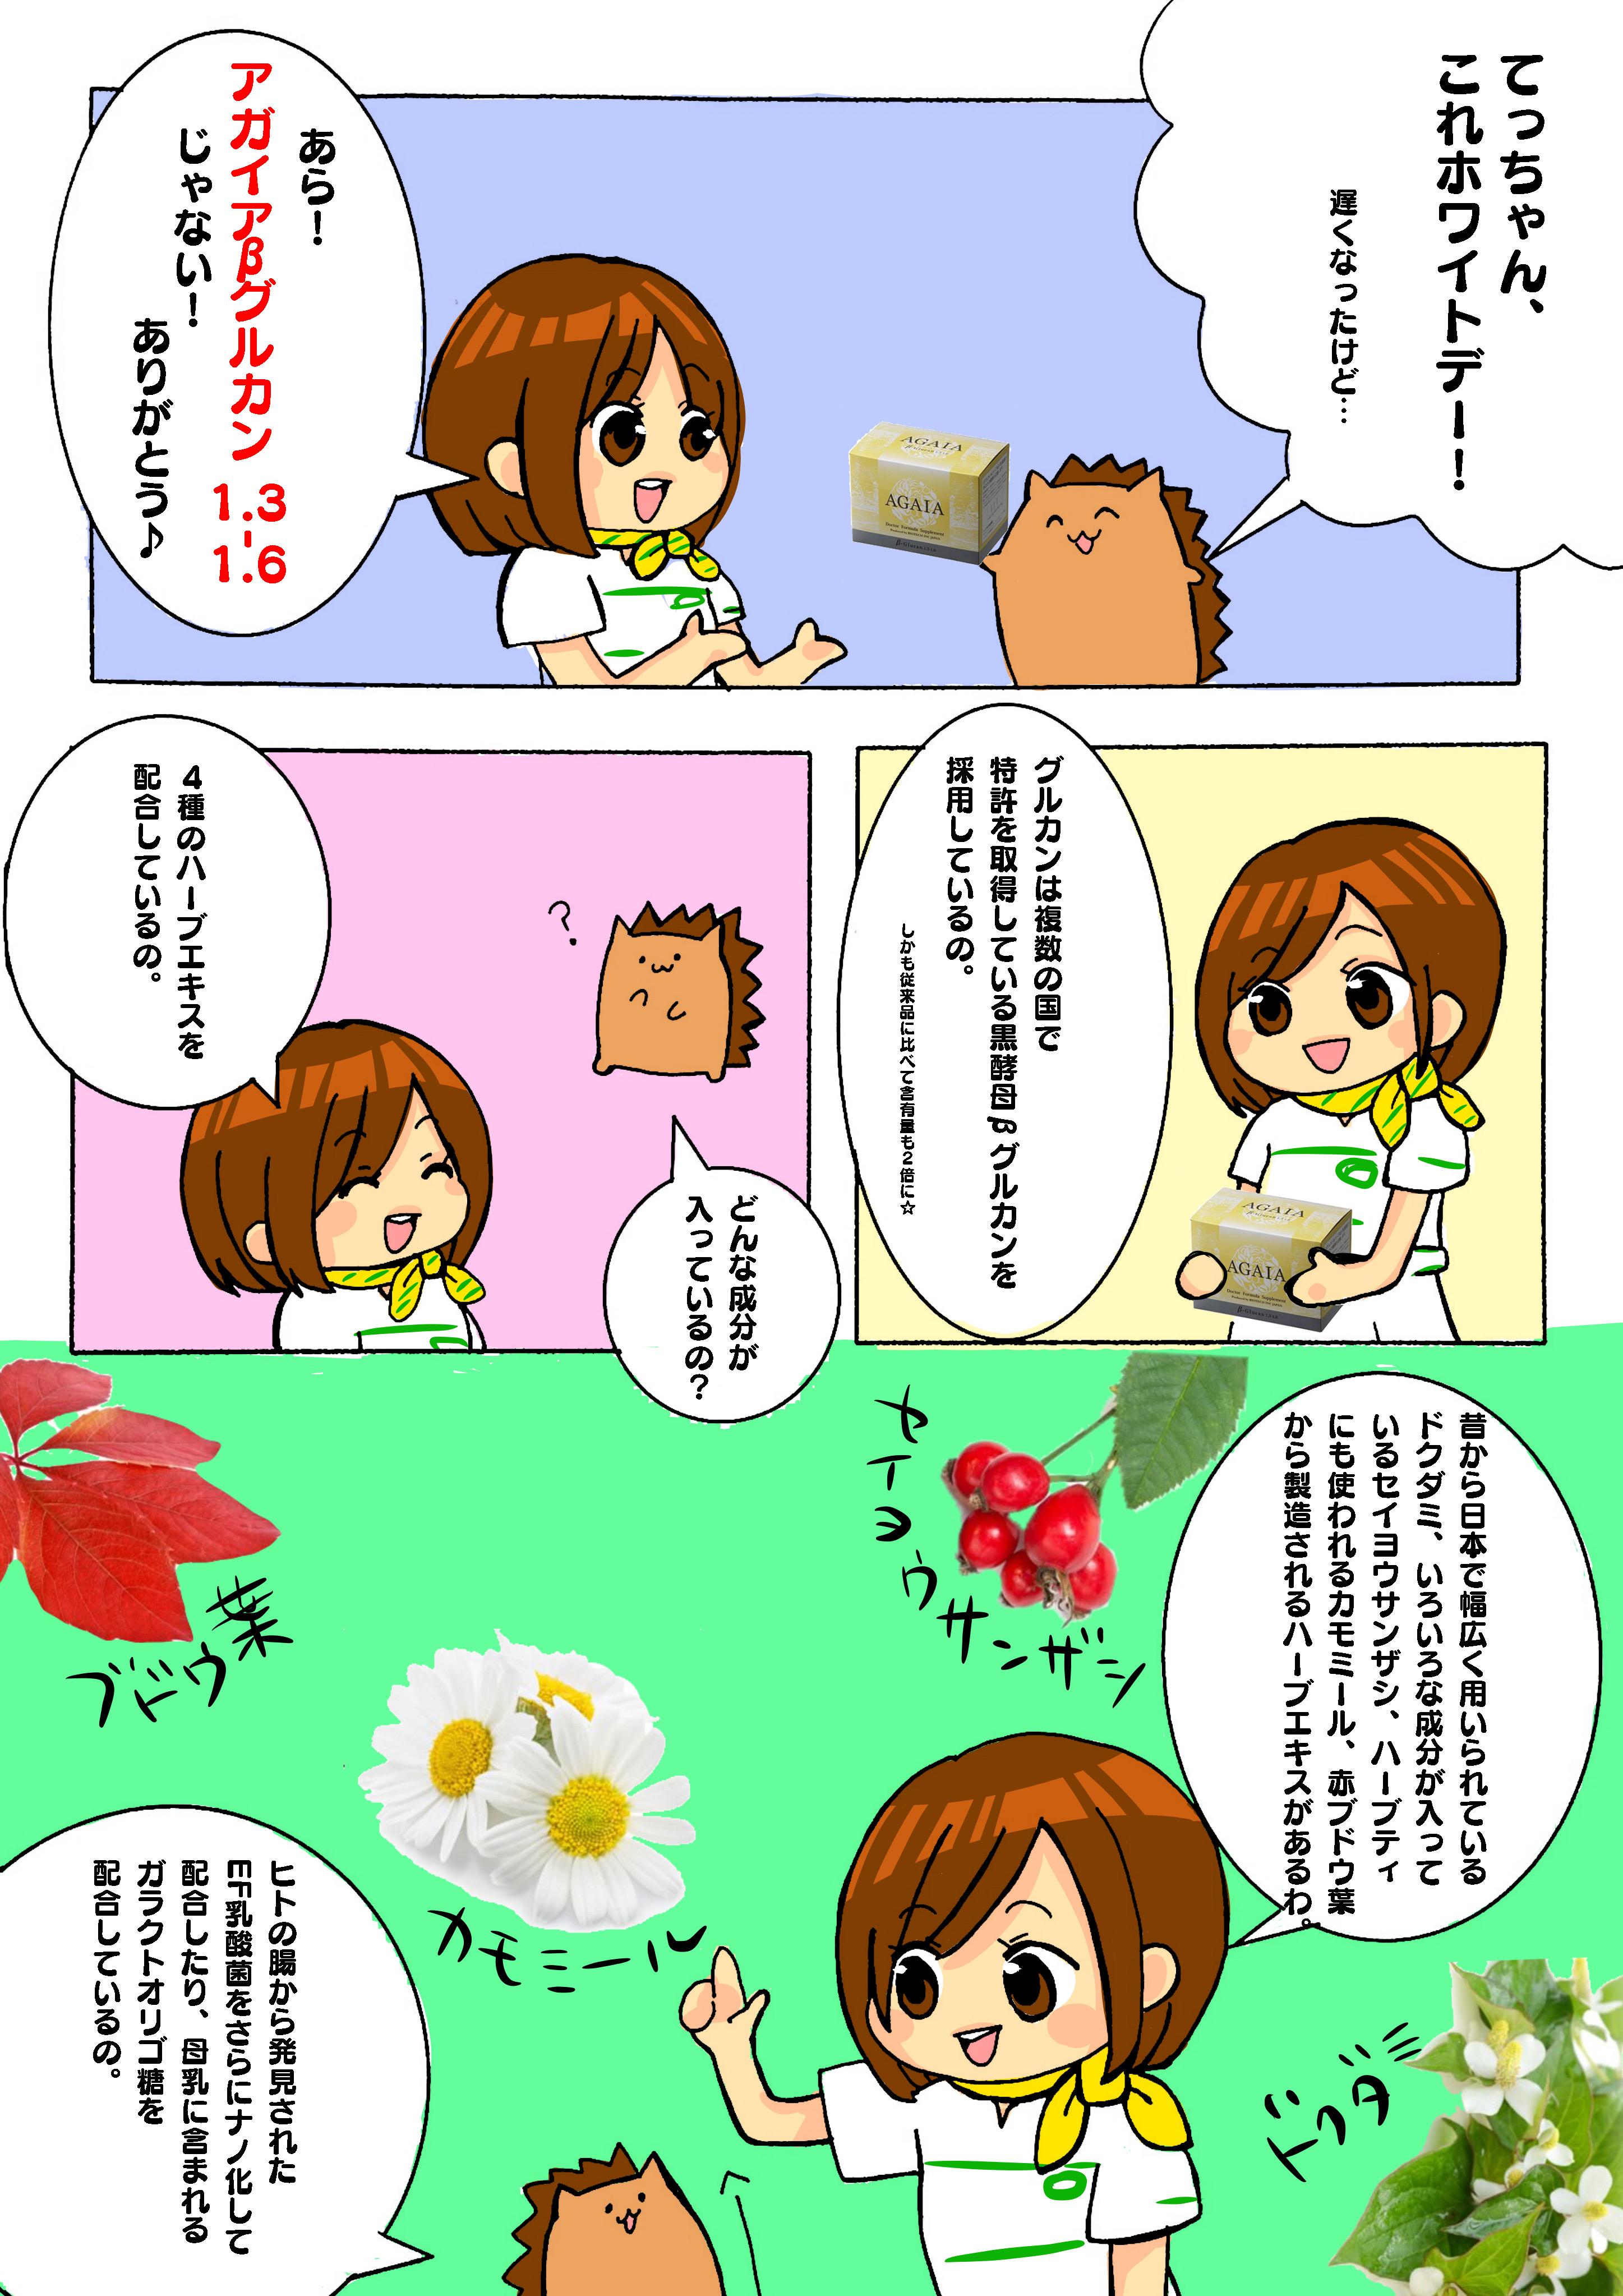 新☆BIO漫画 最終話 アガイアβグルカン1.3-1.6のお話